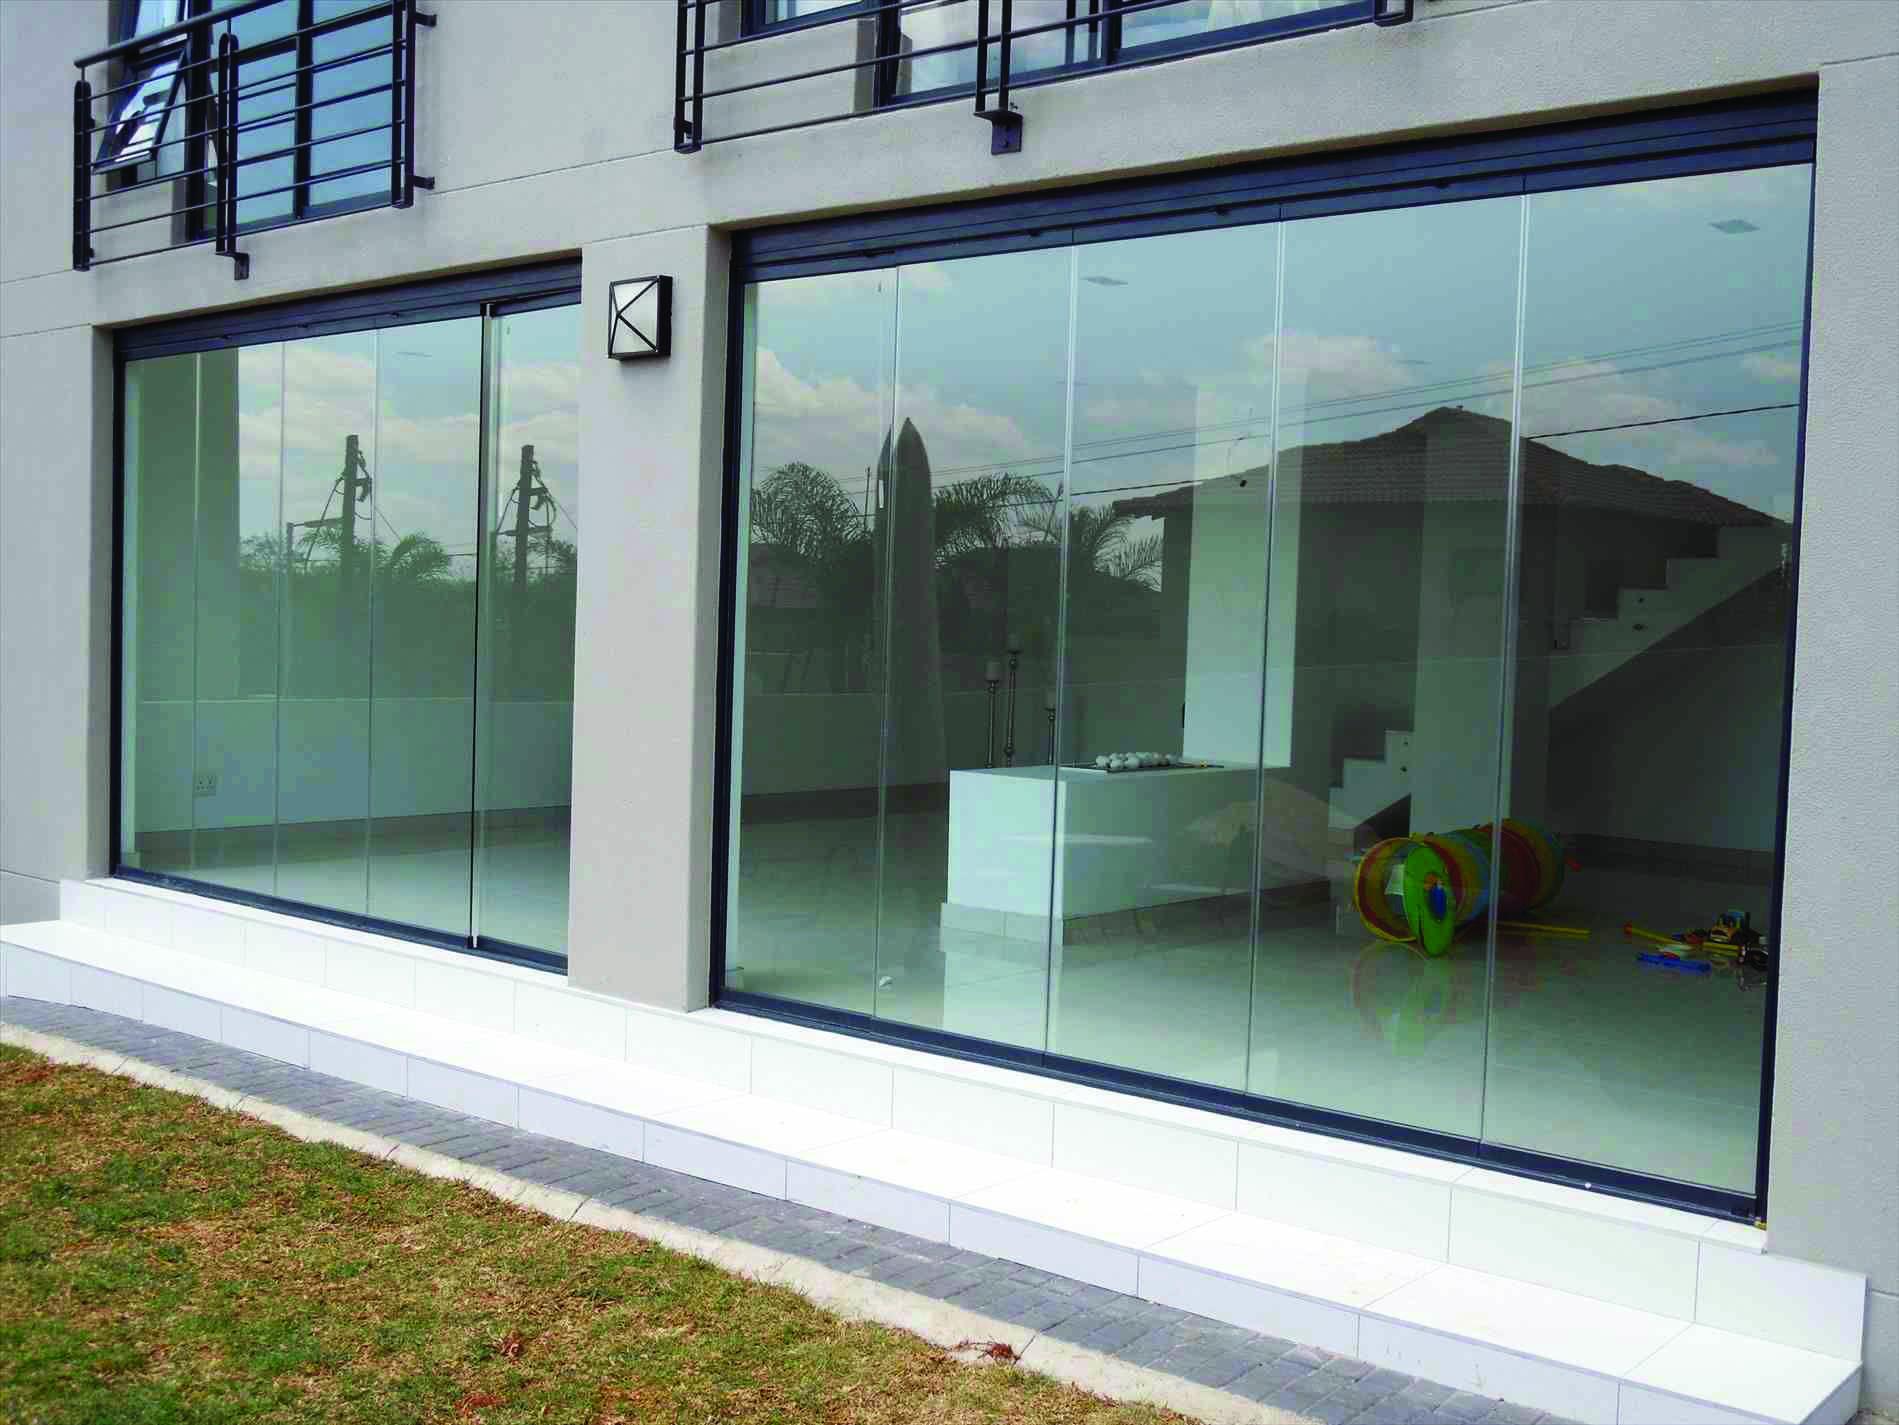 Moving Door Styles For Bedroom Homes Tre Frameless Glass Doors Exterior Doors With Glass Sliding Glass Door